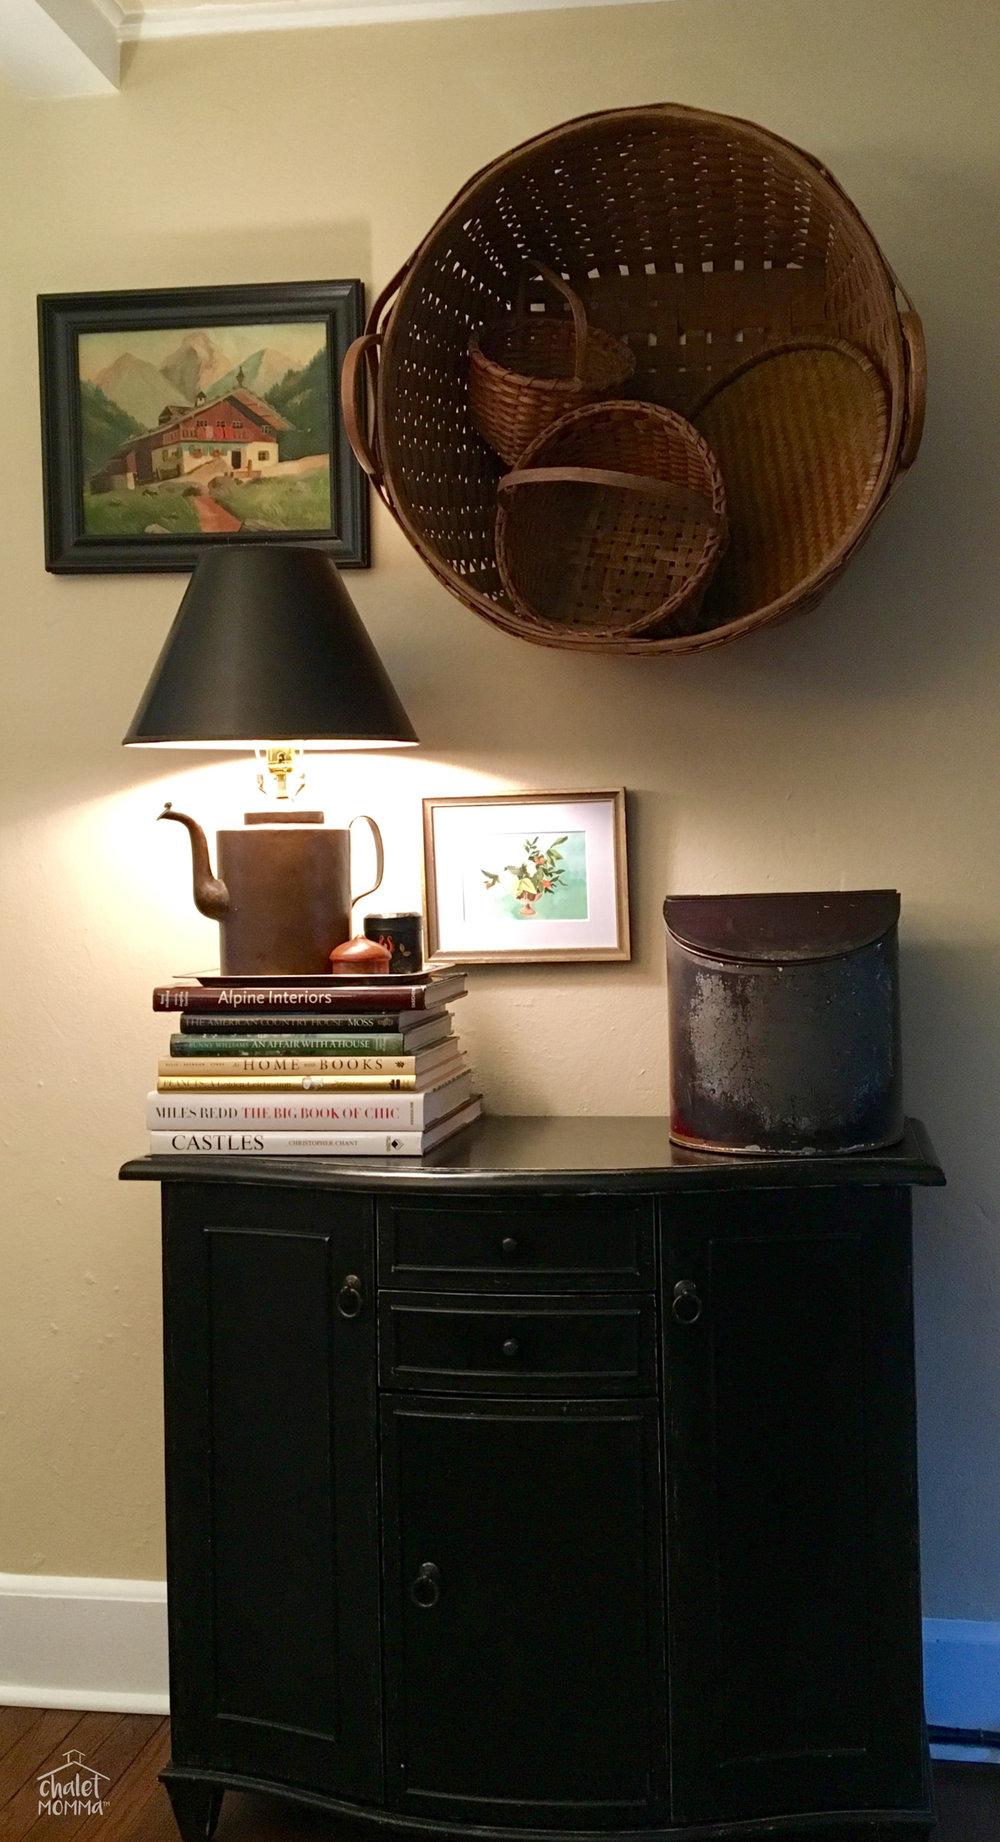 baskets in diningroom.jpg